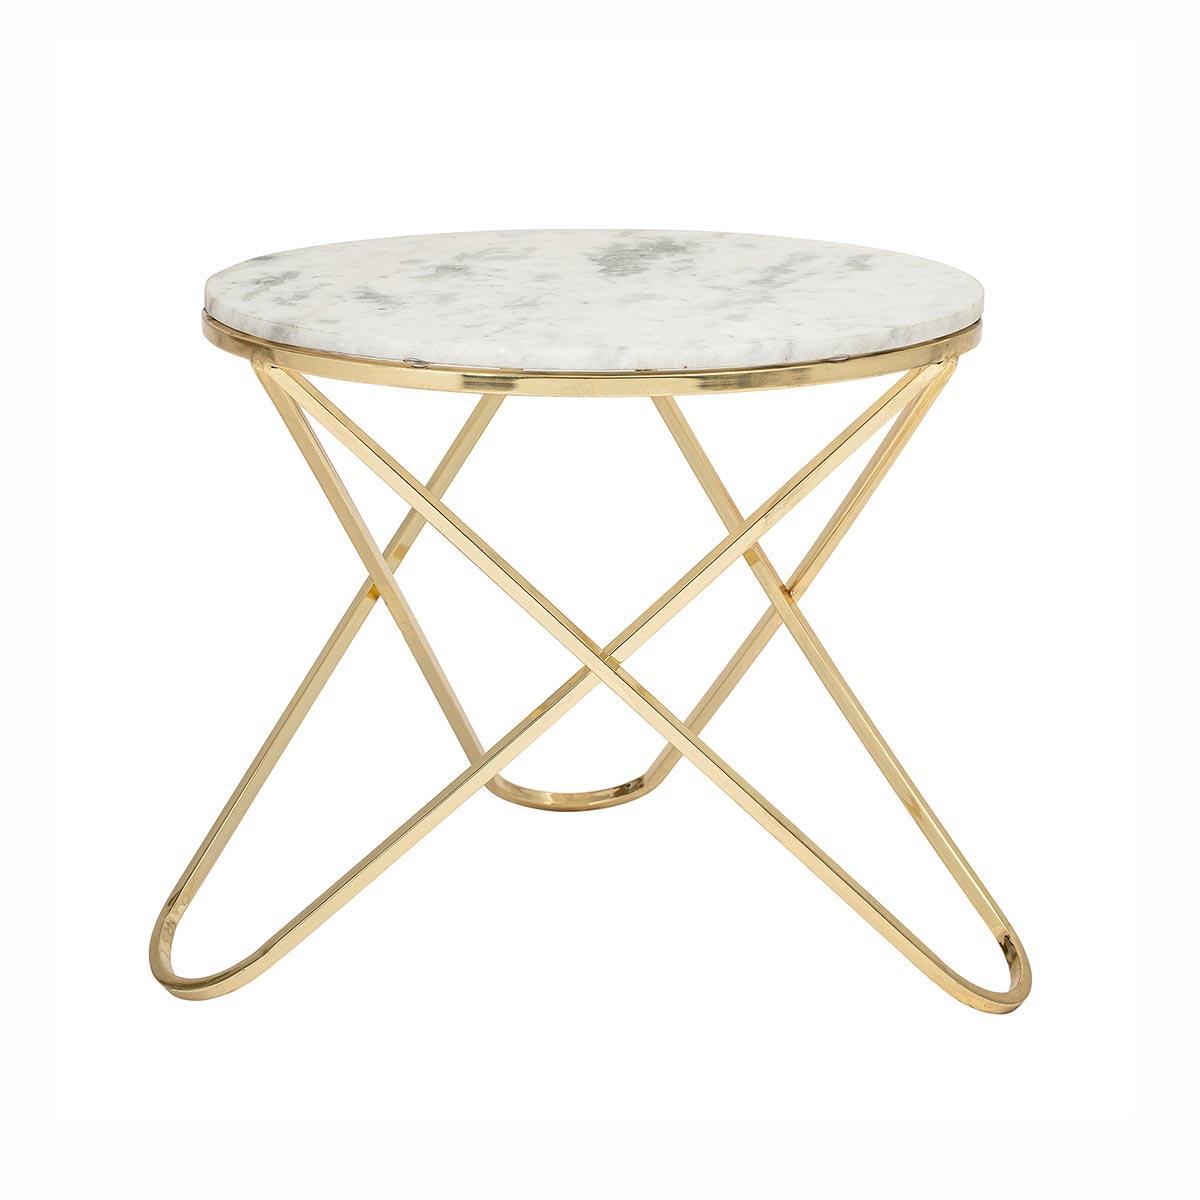 Table basse ronde en marbre - Table basse pieds dorés par Bloomingville